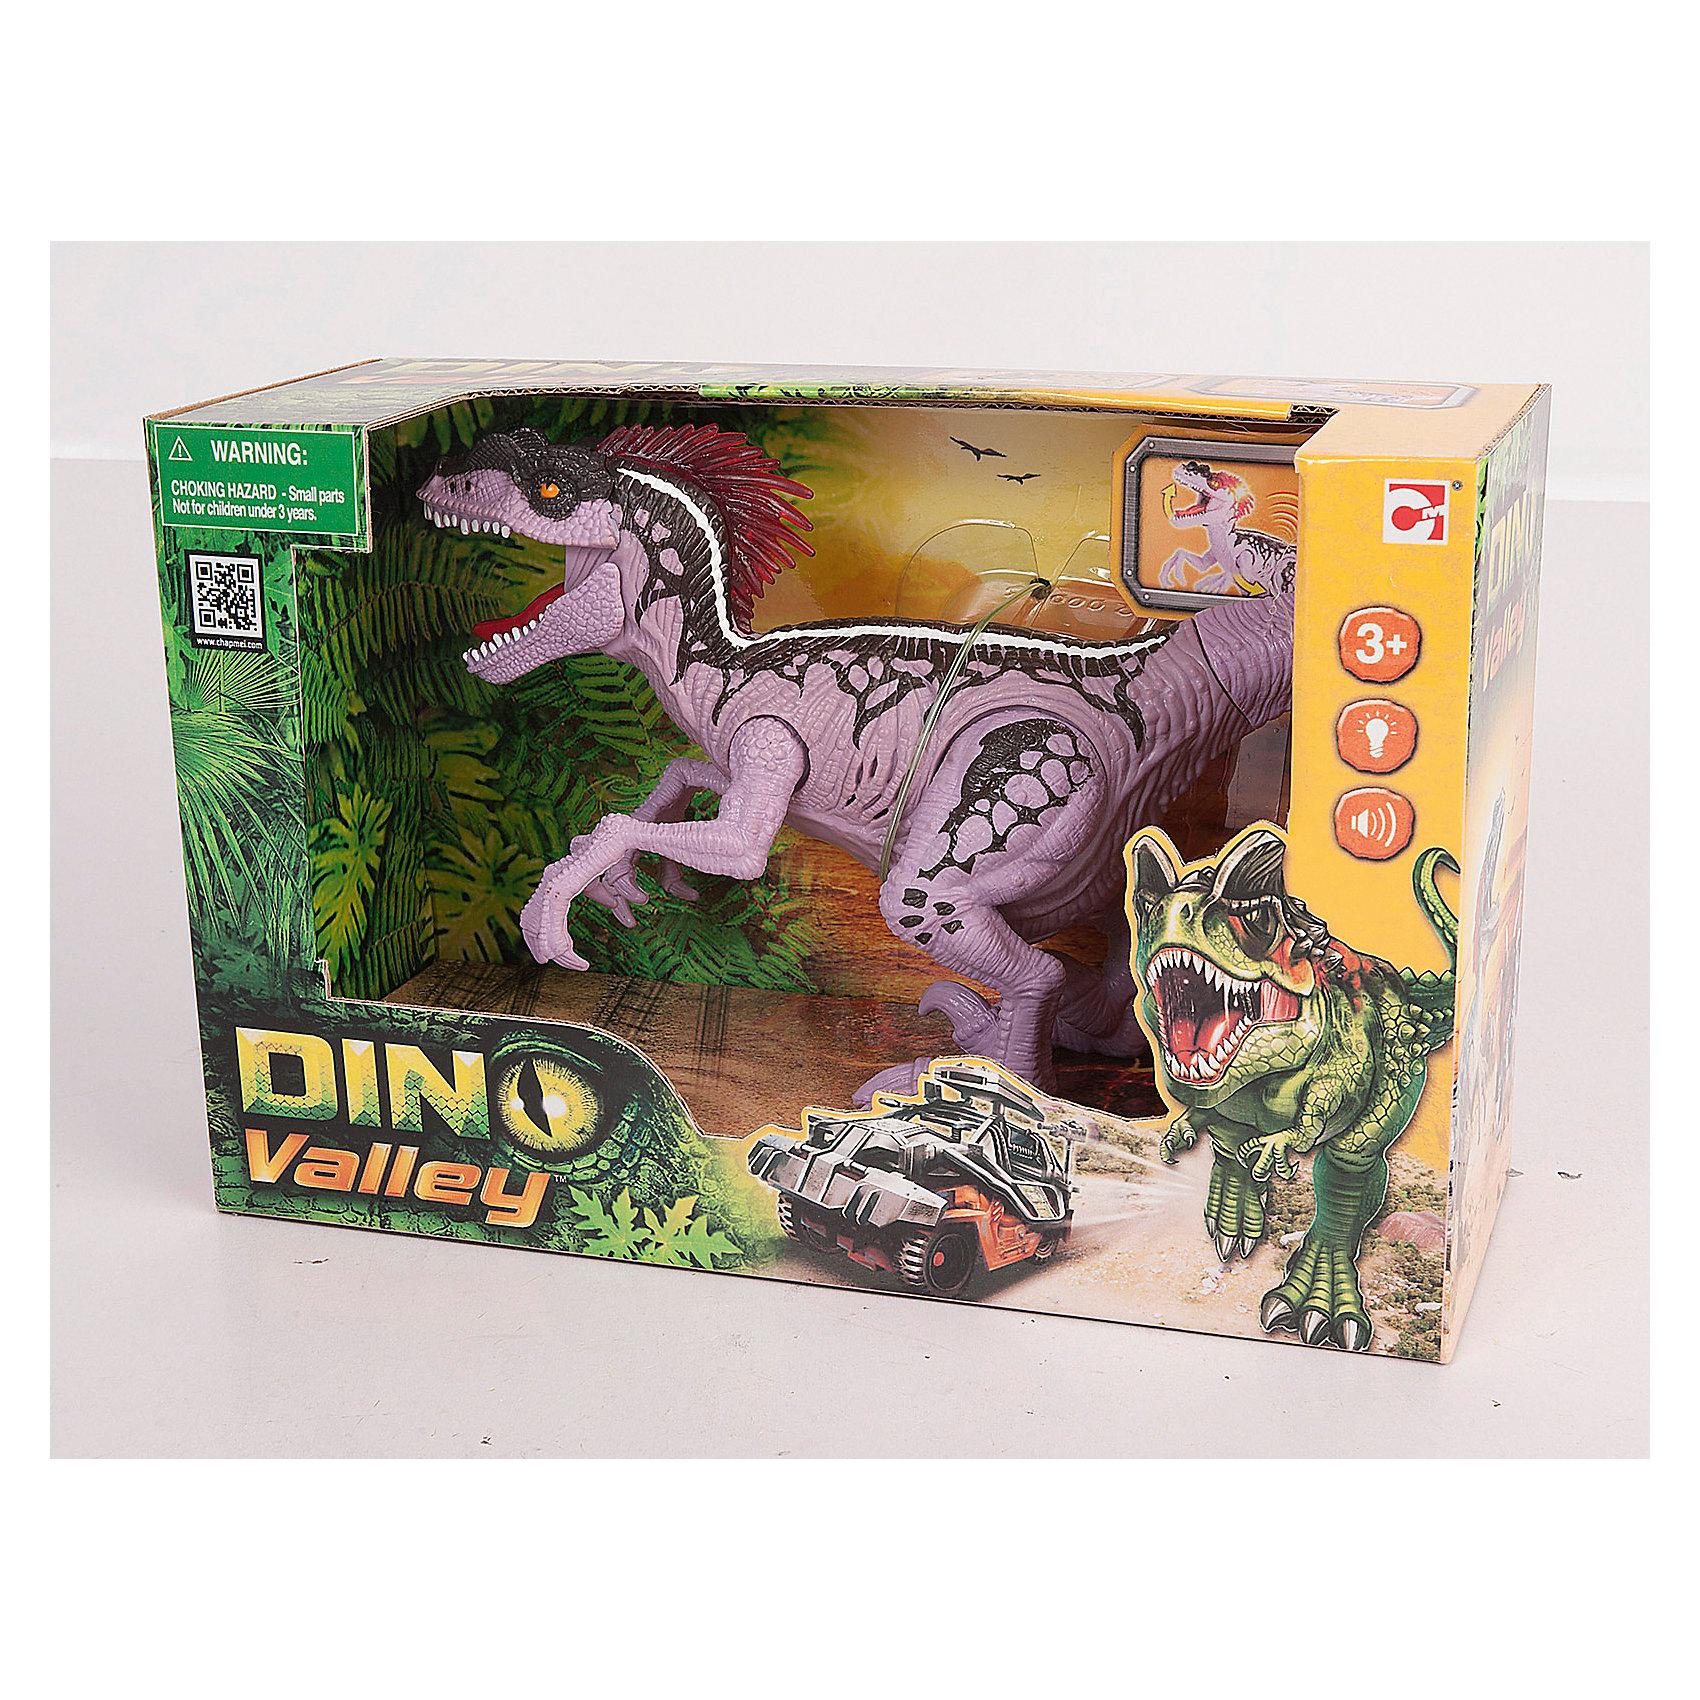 Подвижная фигура Мегараптор, Chap MeiДинозавры и драконы<br>Подвижная фигура Мегараптор, Chap Mei (Чап Мей)<br><br>Характеристики:<br><br>• реалистичные детали<br>• световые эффекты<br>• динозавр двигается и рычит<br>• материал: пластик<br>• батарейки: AG13 - 3 шт. (входят в комплект)<br>• размер упаковки: 30х5х20 см<br>• вес: 1028 грамм<br><br>Мегараптор - гигантский динозавр длиной более 8 метров. Реалистичная игрушка Chap Mei поможет ребенку познакомиться с устрашающим Мегараптором и придумать интересные игровые сюжеты. Мегараптор правдоподобно рычит и двигается. Световые эффекты сделают игру еще увлекательнее. Для работы необходимы батарейки.<br><br>Подвижную фигуру Мегараптор, Chap Mei (Чап Мей) вы можете купить в нашем интернет-магазине.<br><br>Ширина мм: 292<br>Глубина мм: 114<br>Высота мм: 191<br>Вес г: 1028<br>Возраст от месяцев: 36<br>Возраст до месяцев: 2147483647<br>Пол: Унисекс<br>Возраст: Детский<br>SKU: 5503287